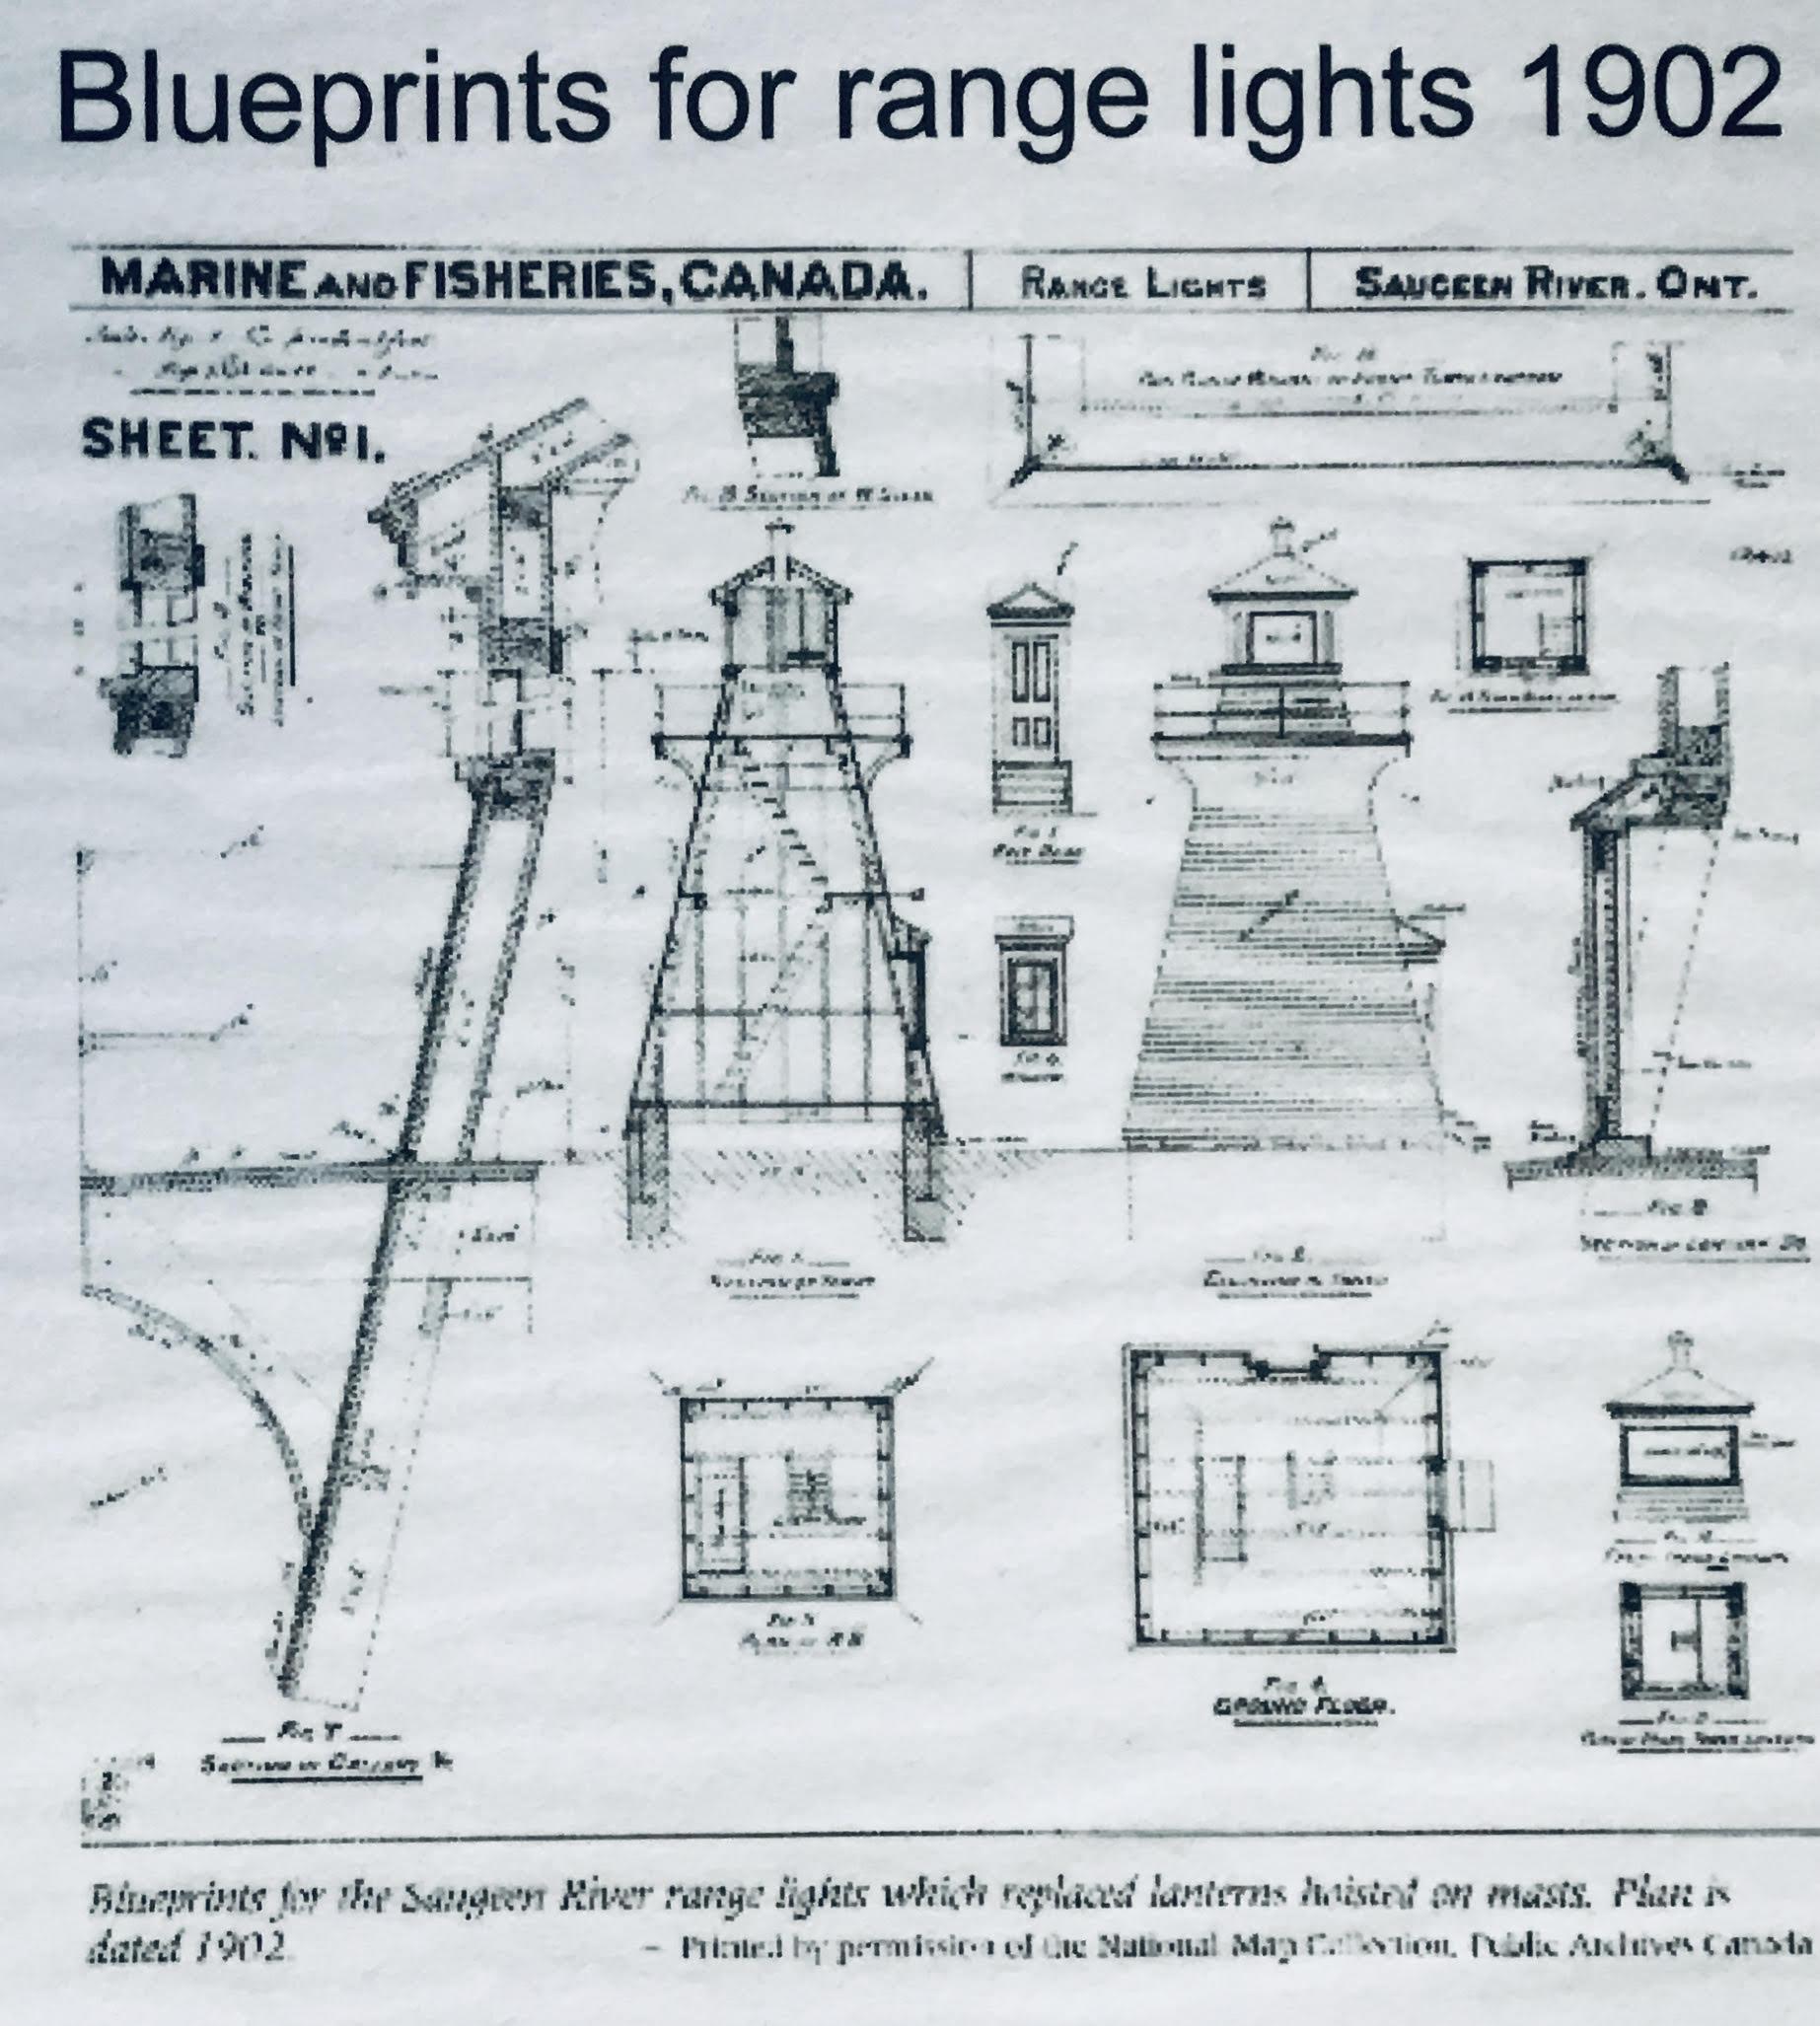 Blueprints for range lights 1902